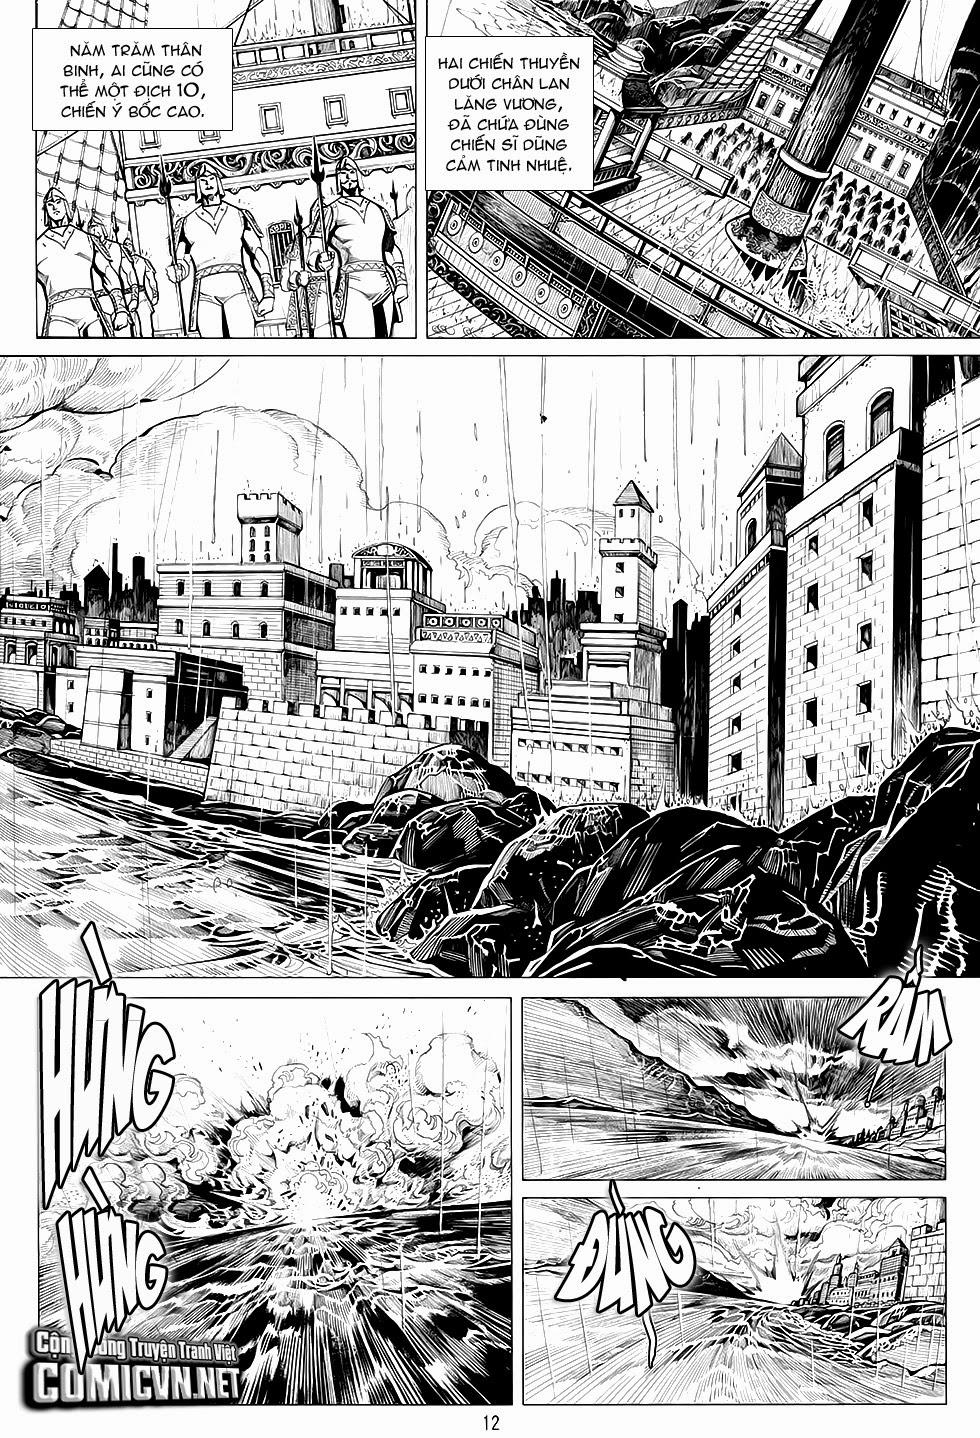 Chiến Phổ chapter 1: chiến thần lan lăng vương trang 13